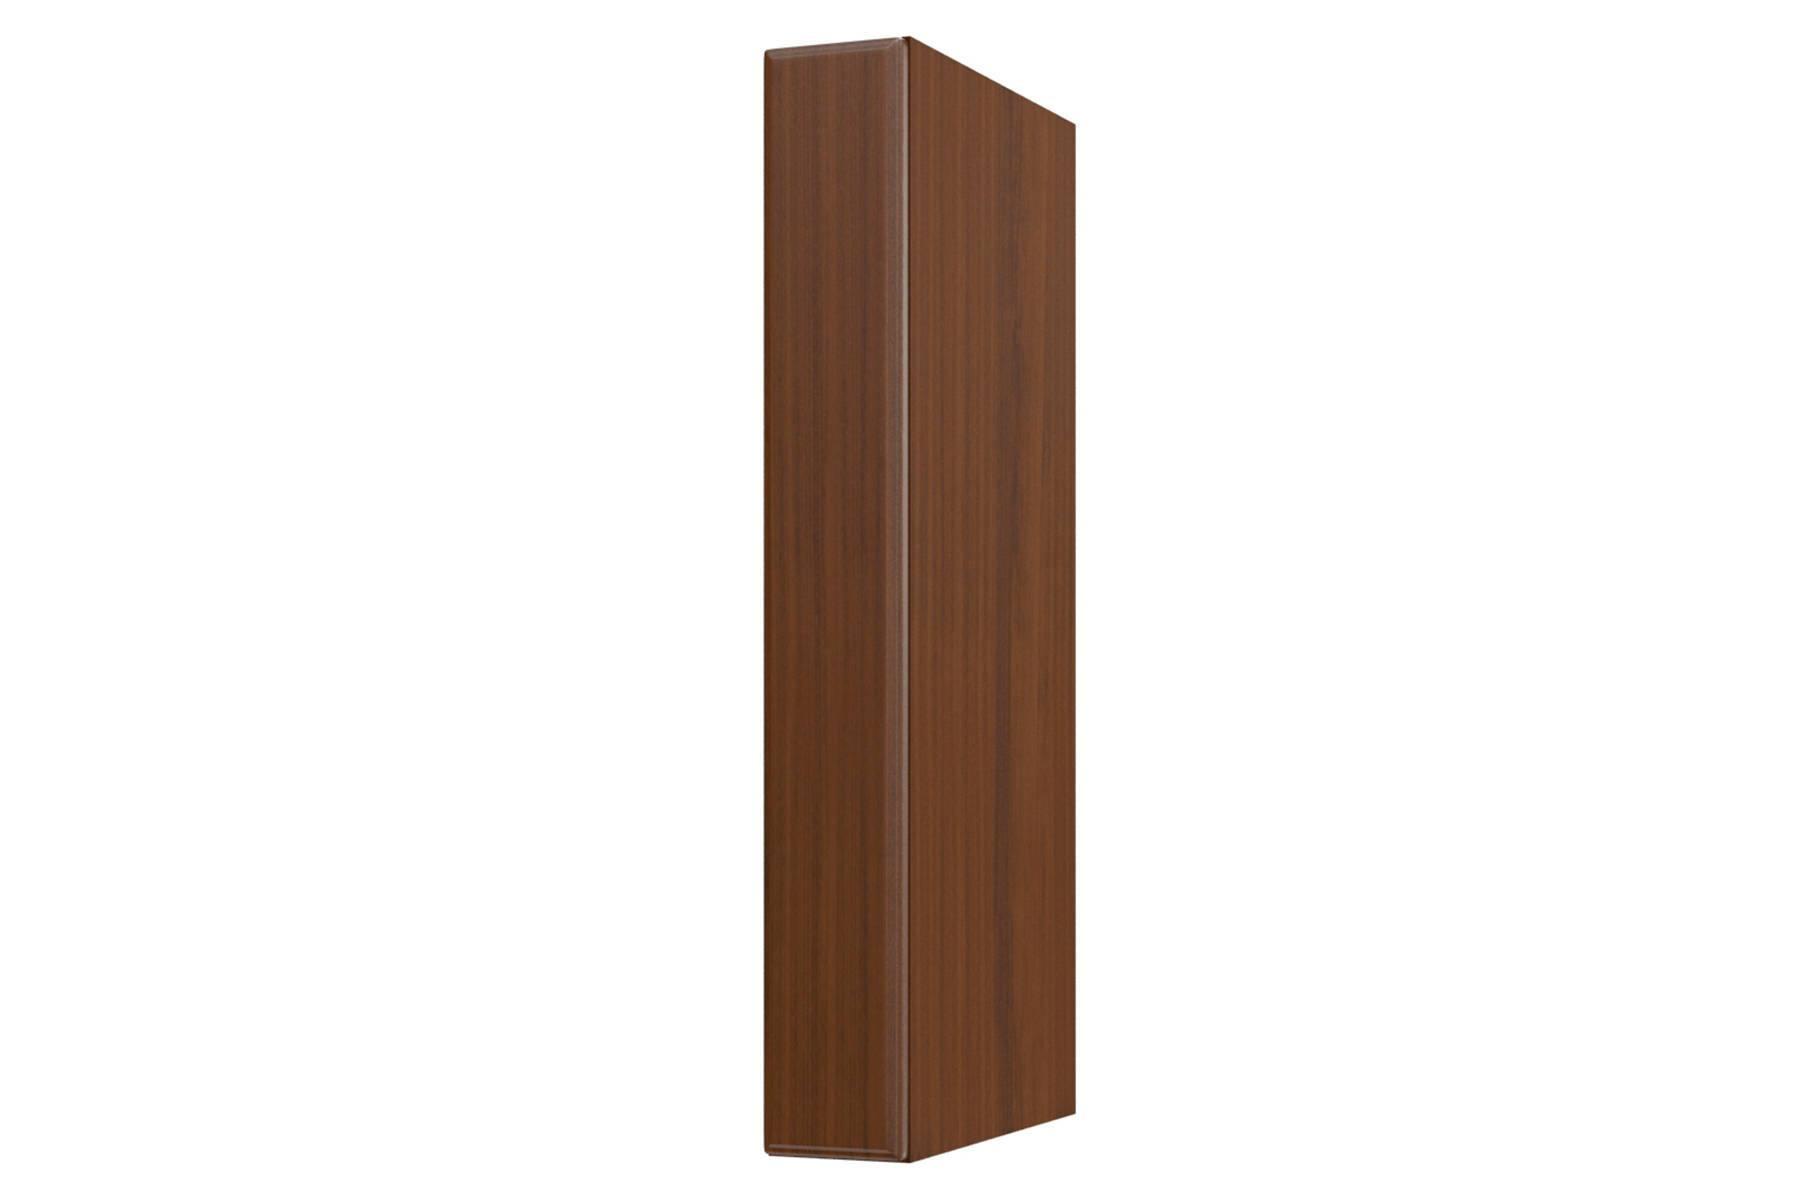 Равенна шкаф вставка размерная 10 Равенна